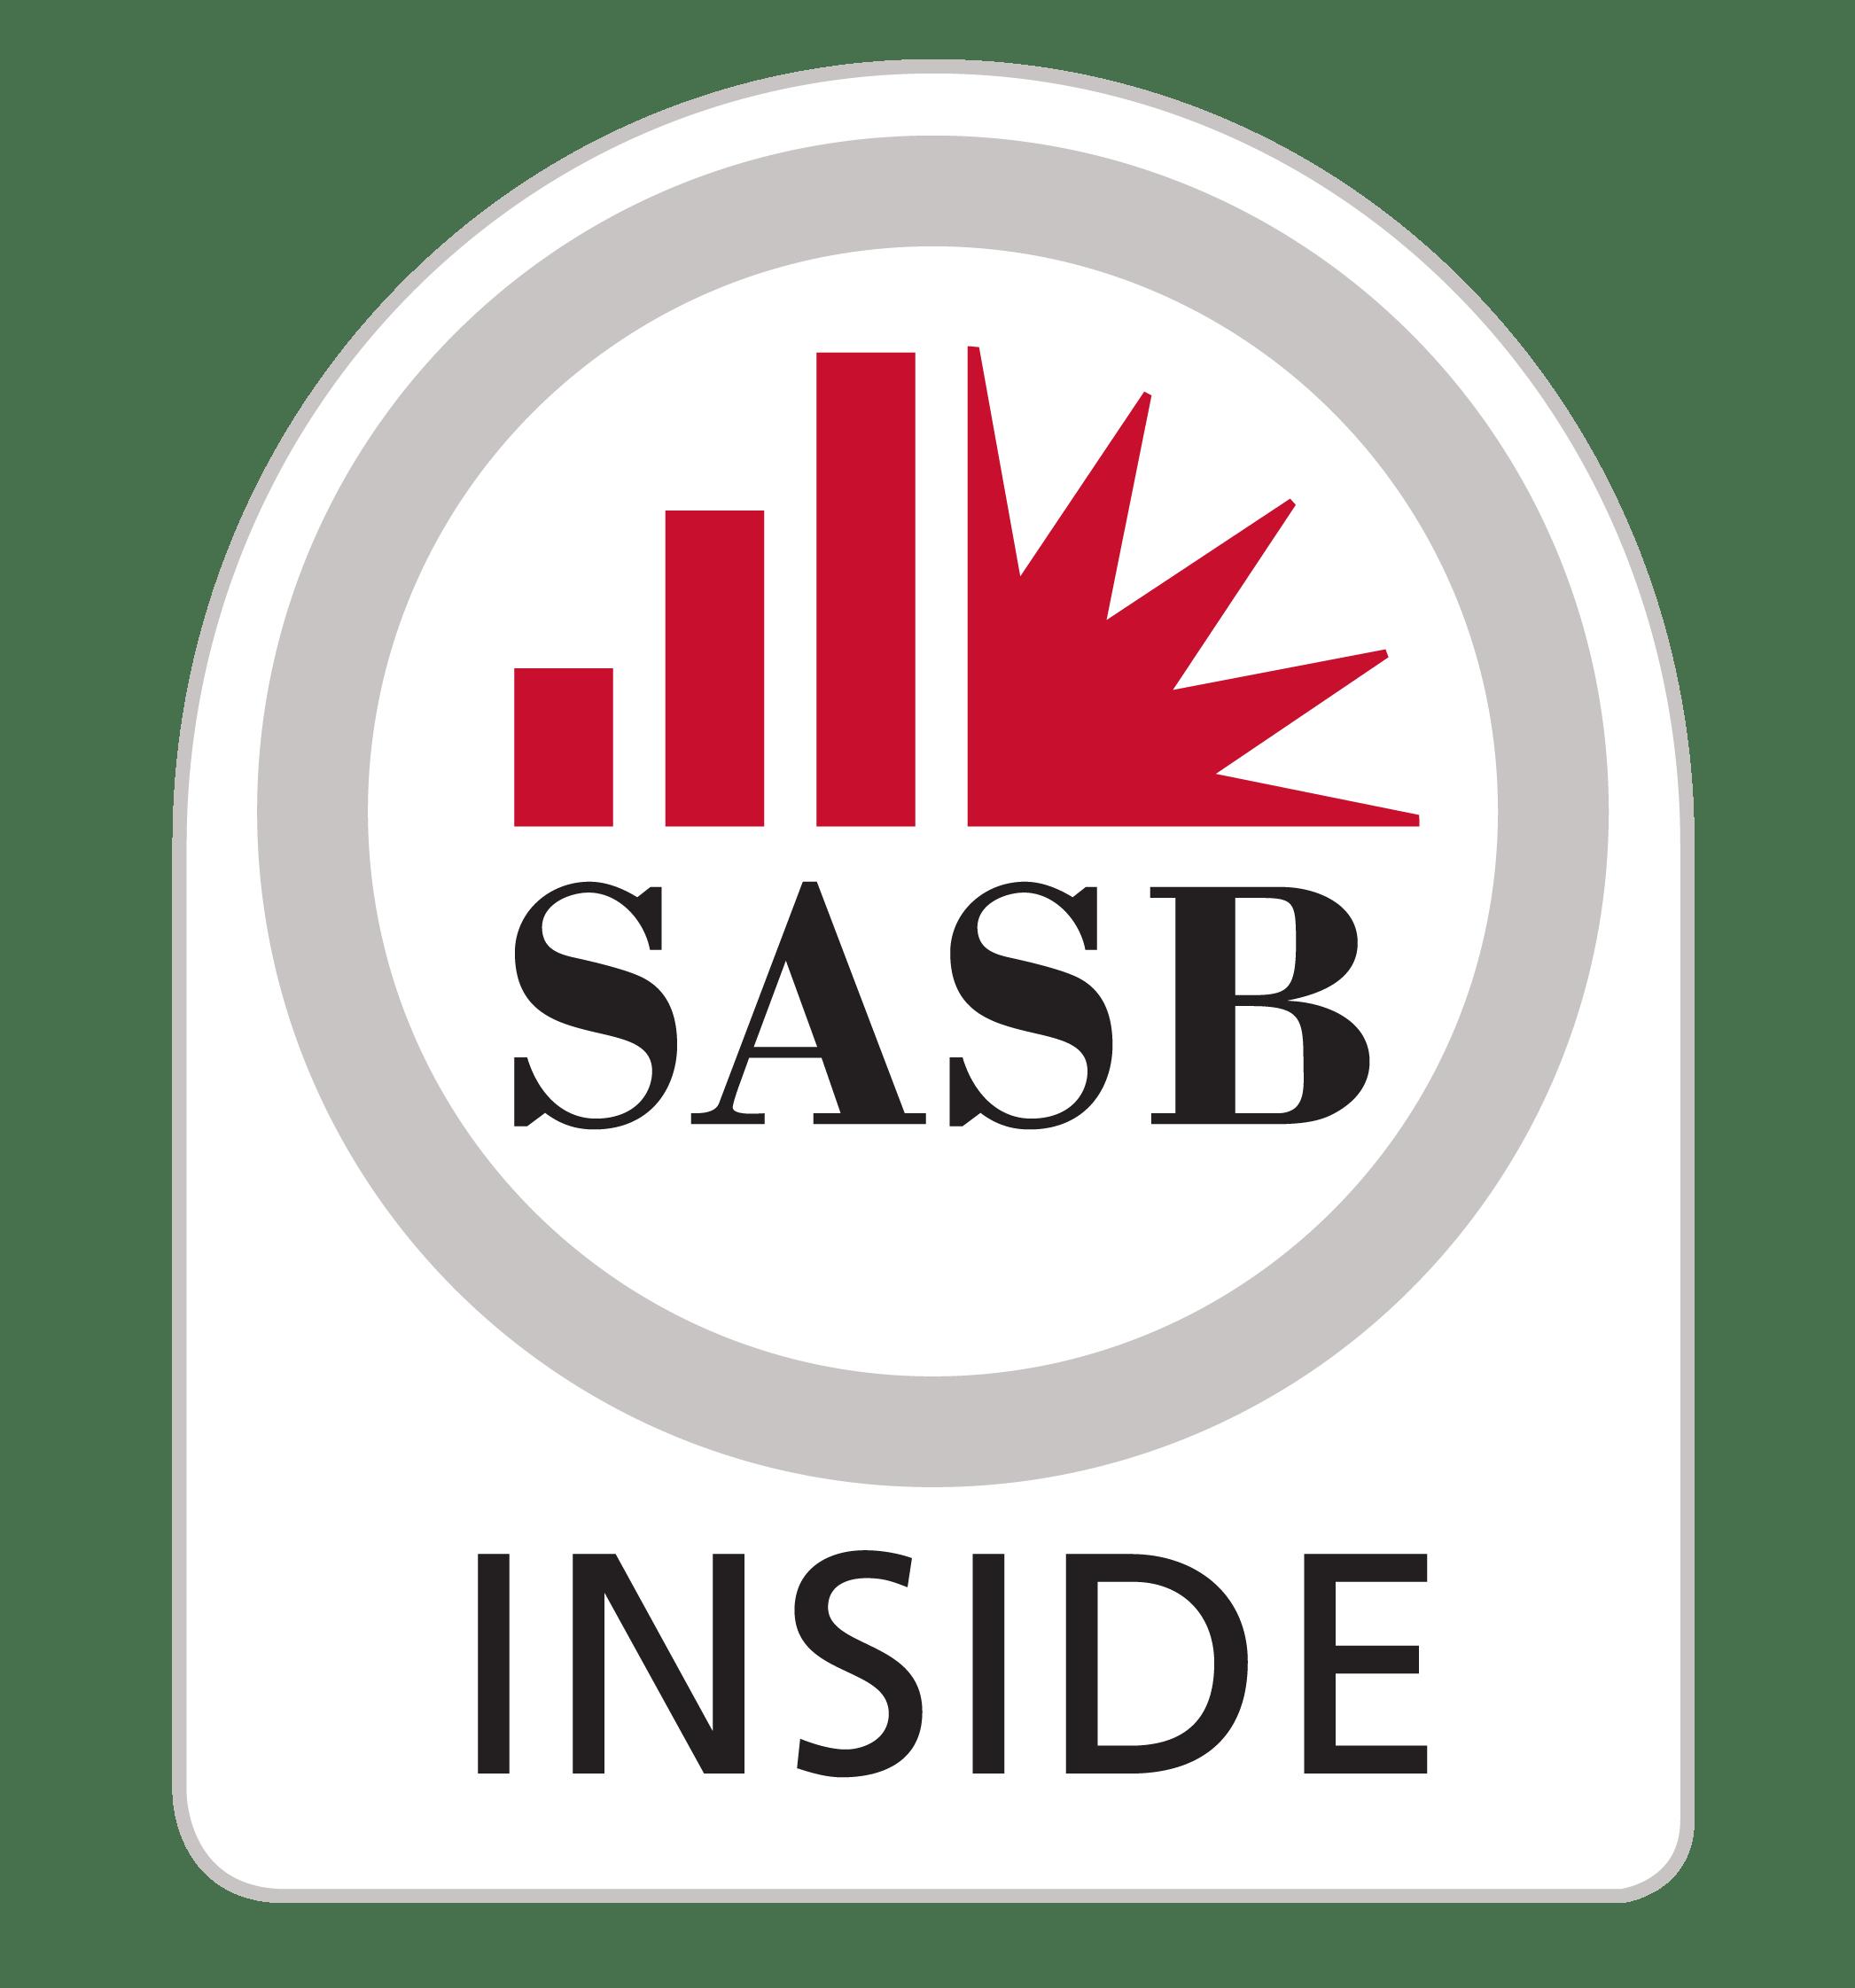 SASB data license